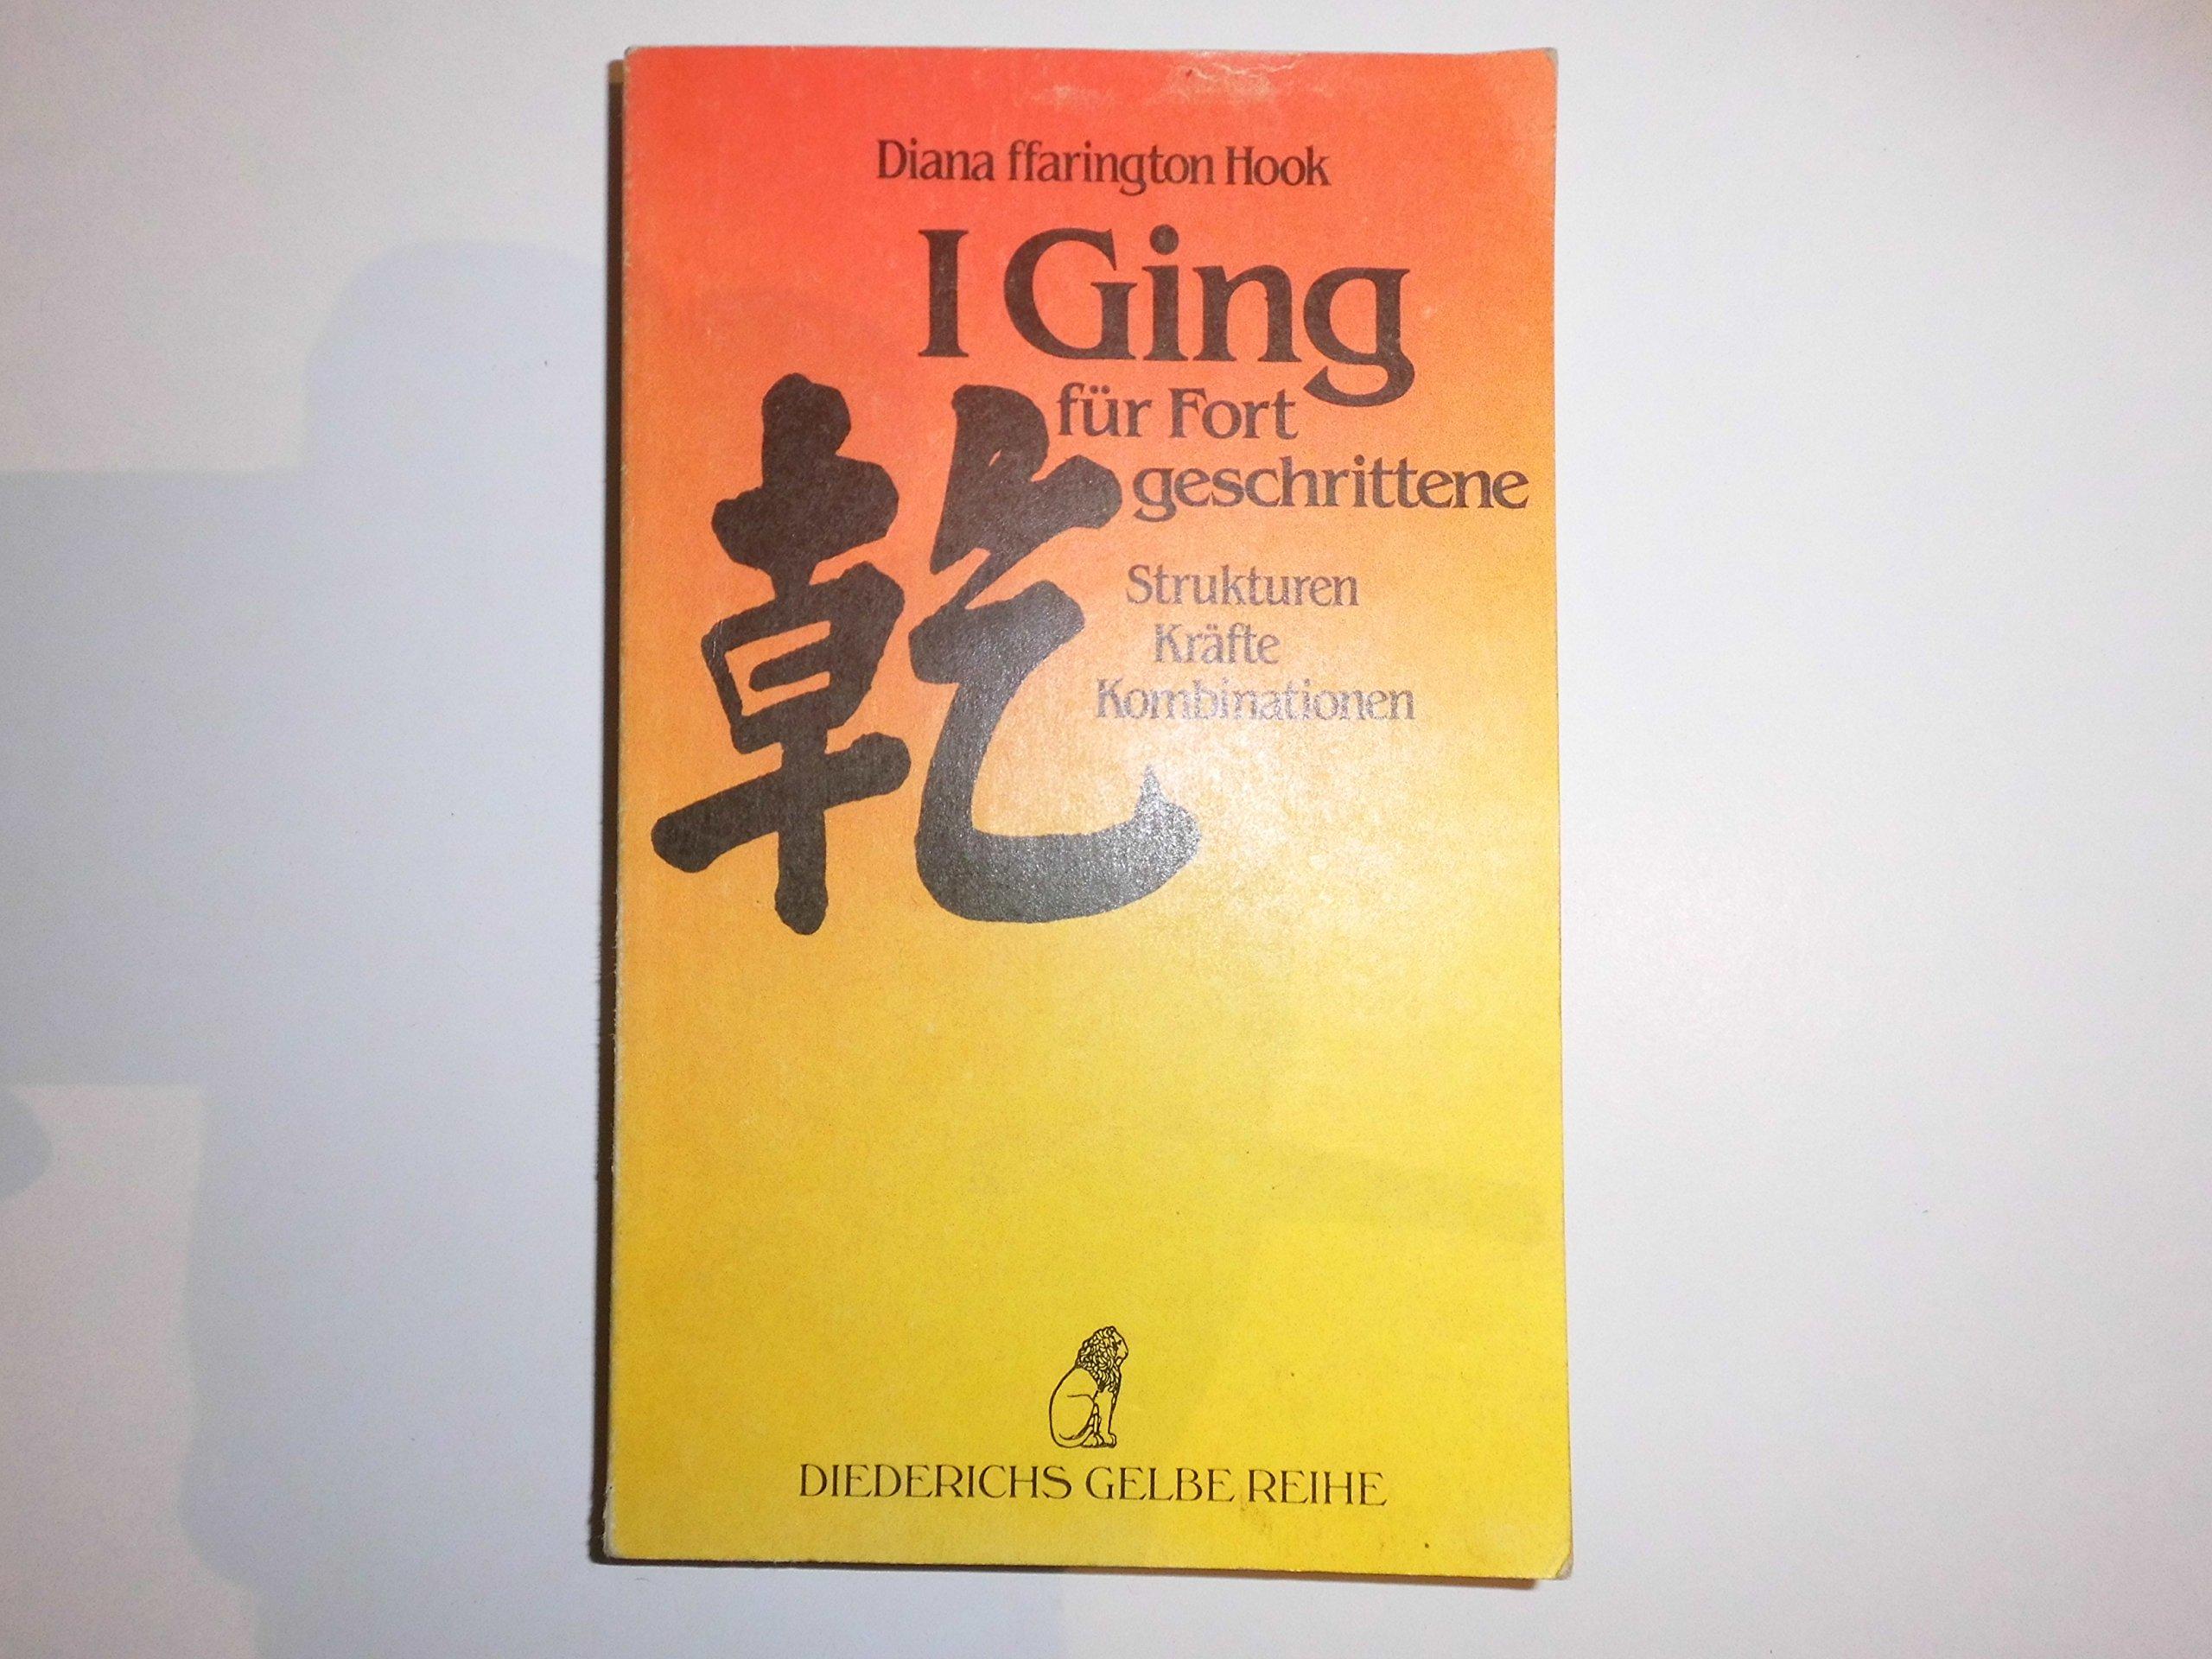 I Ging für Fortgeschrittene Taschenbuch – 1990 Diana Ffarington Hook Diederichs 3424007439 MAK_GD_9783424007435